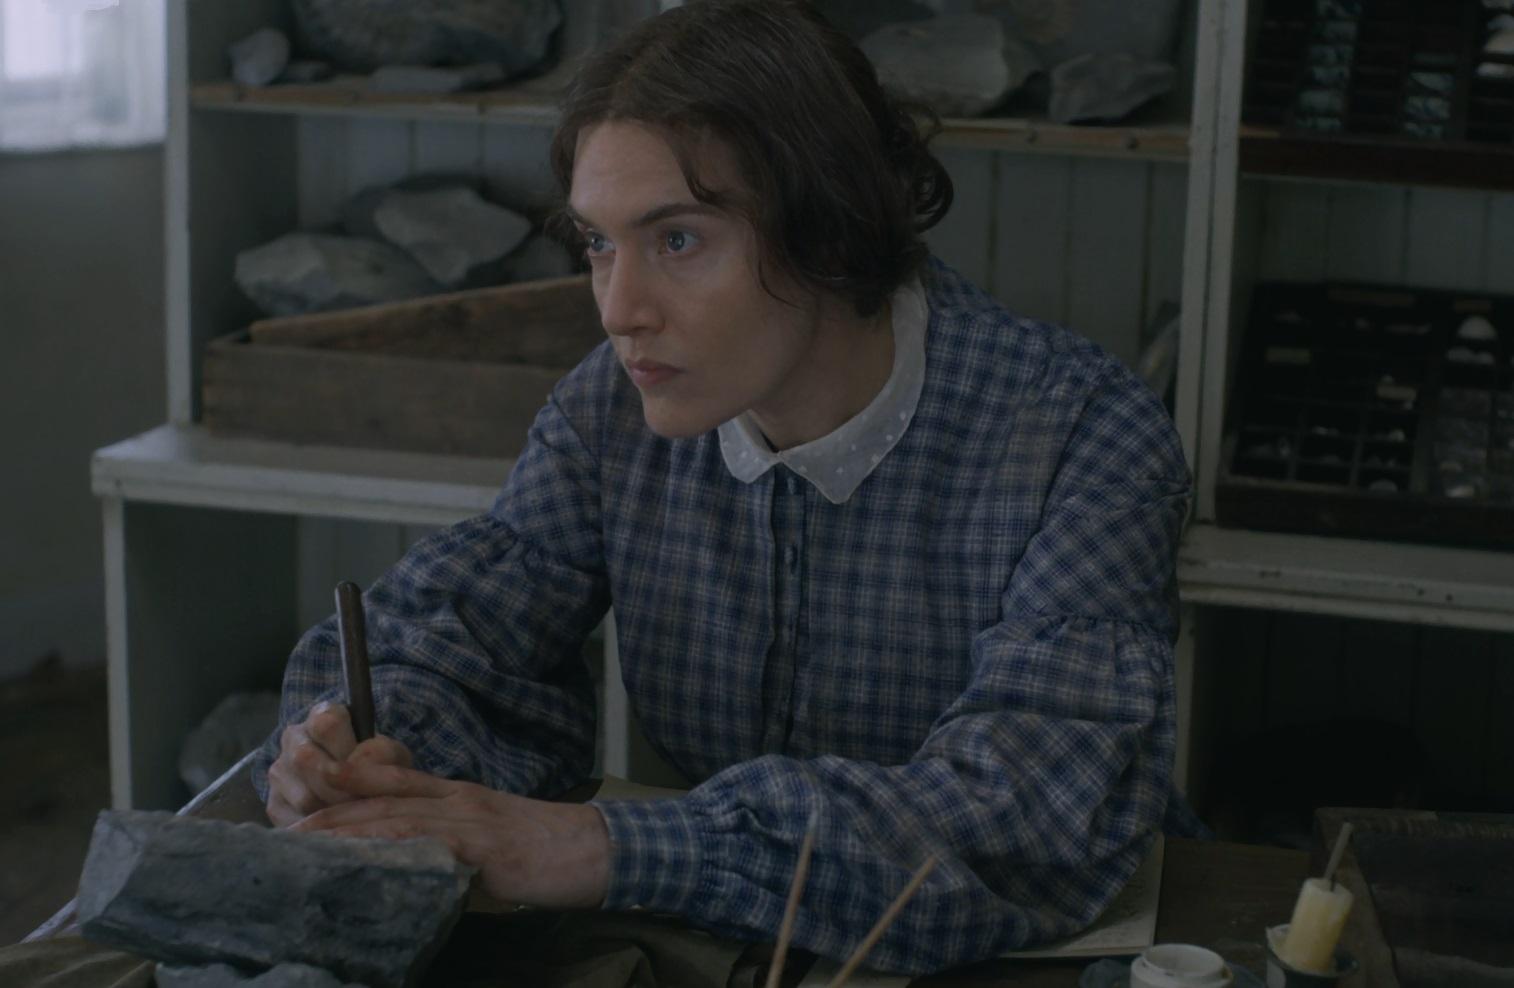 مری آنینگ فسیل شناس انگلیسی در فیلم آمونیت